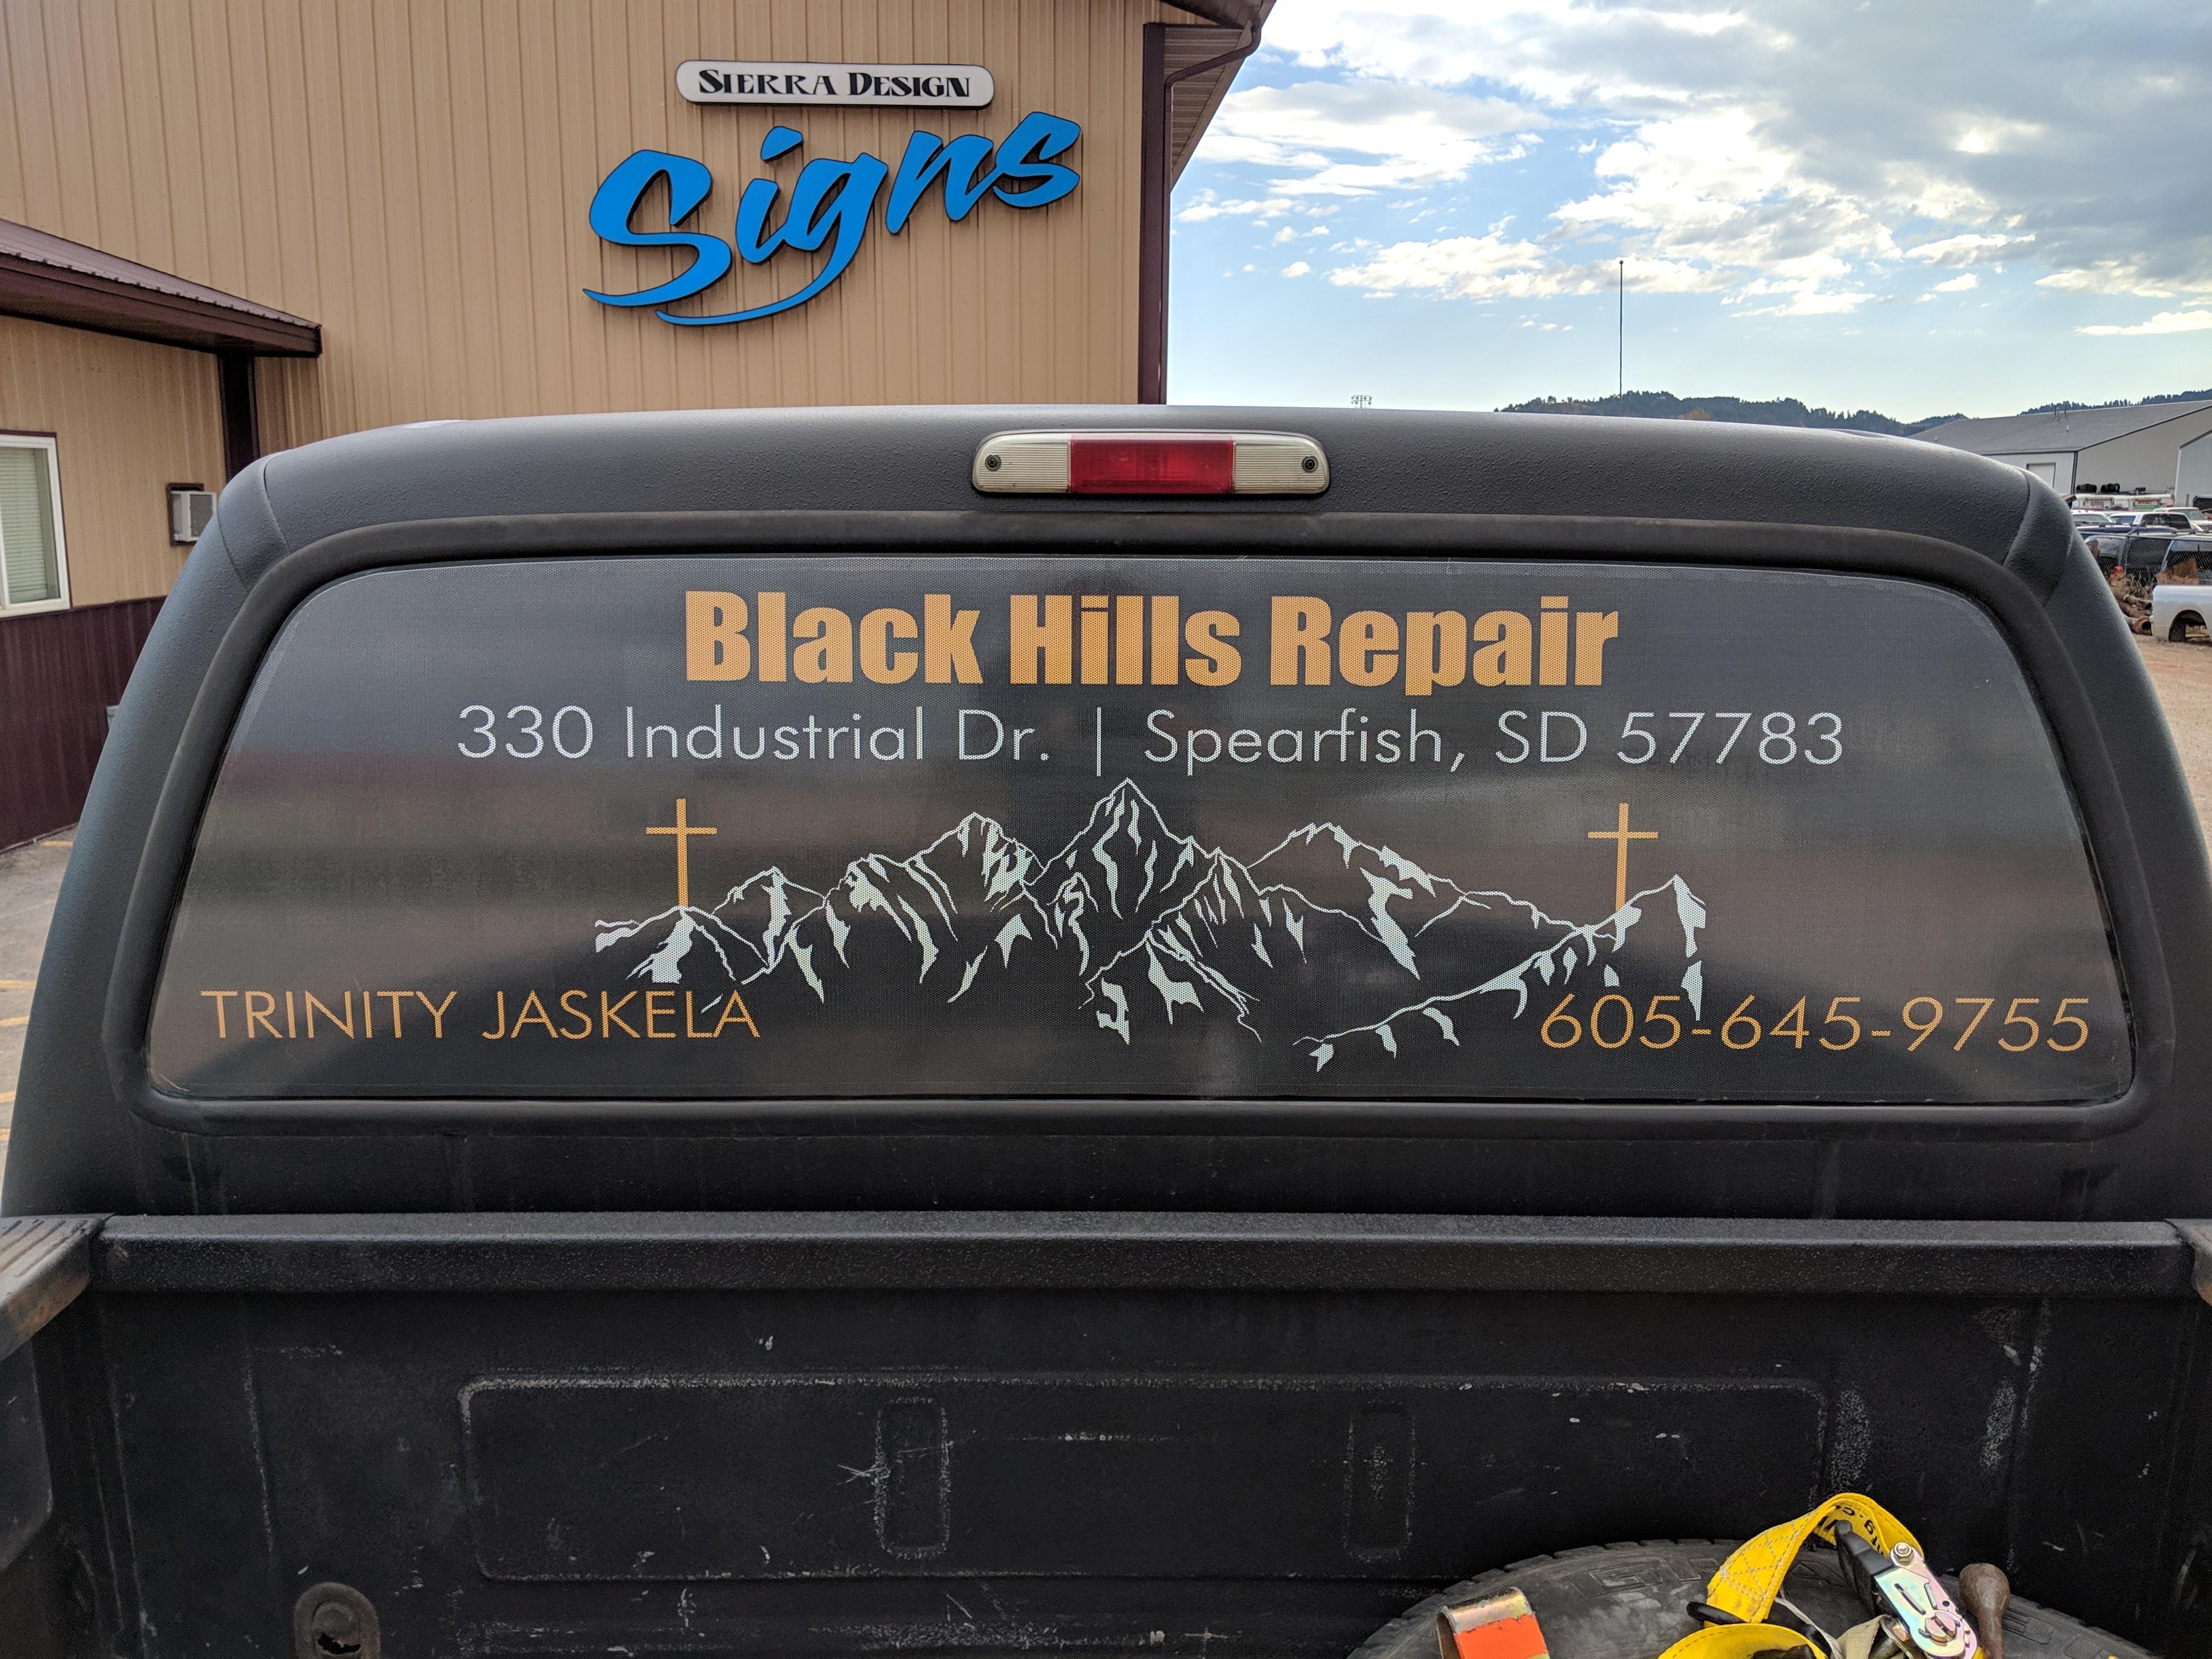 Black Hills Repair